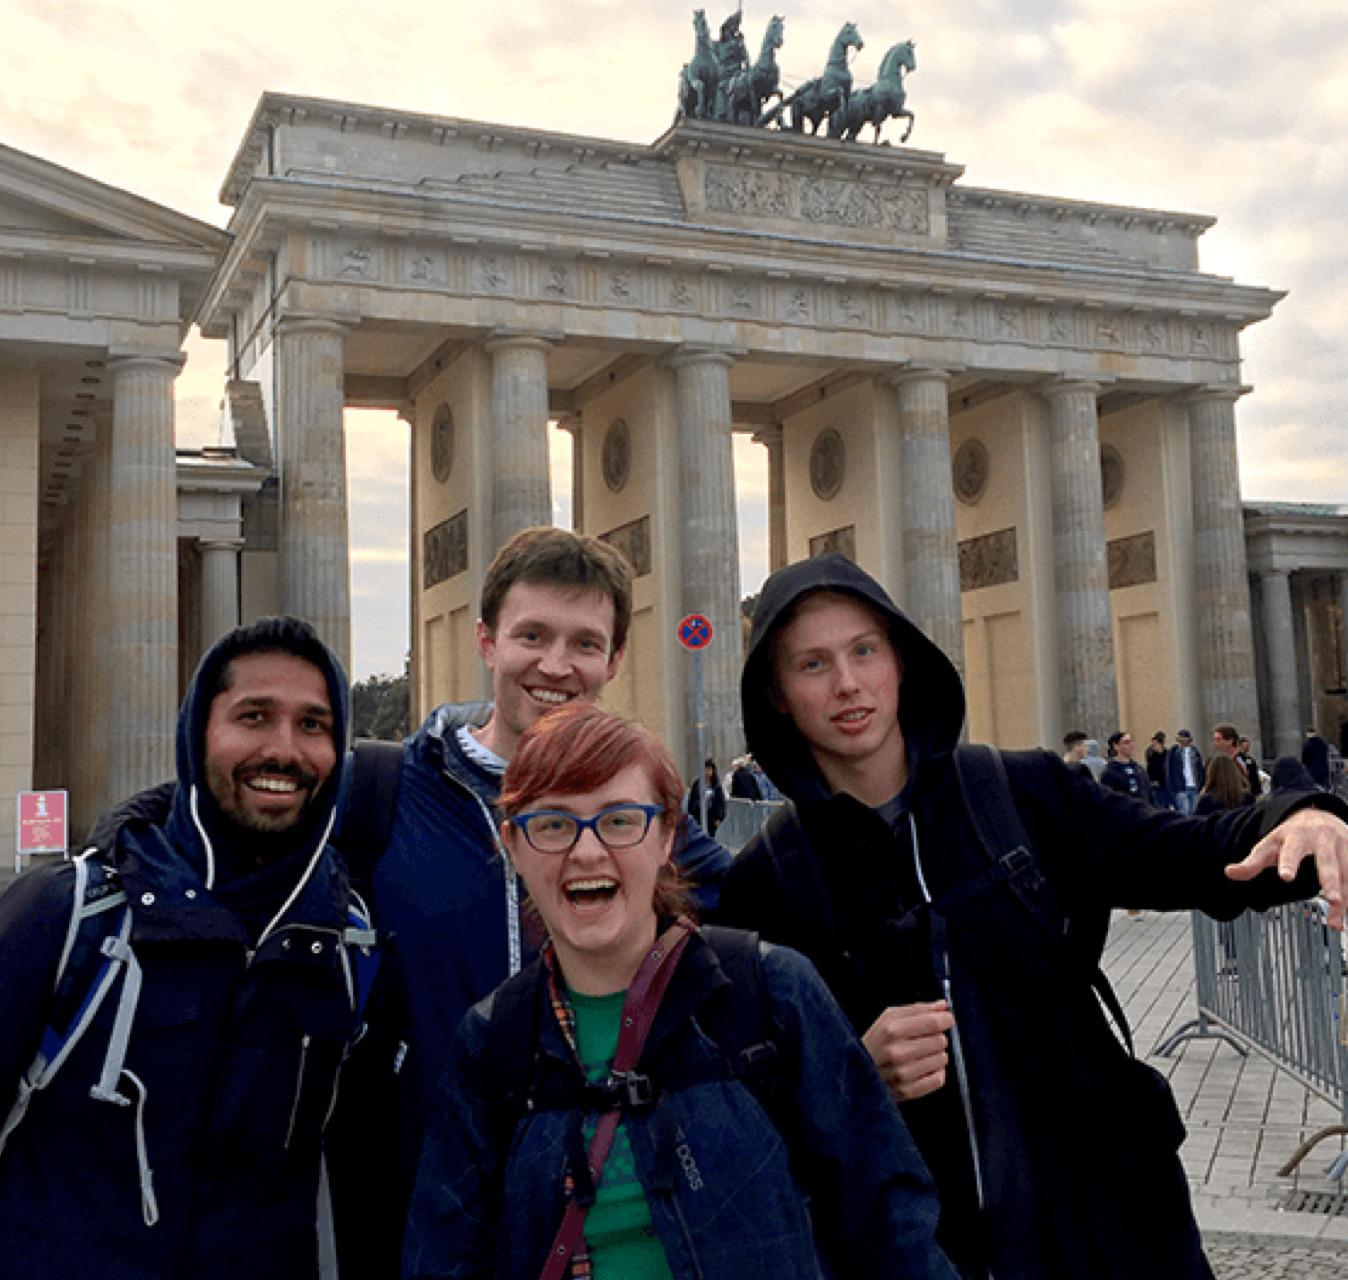 ベルリンのブランデンブルク門を訪れた 4 人のチーム メンバー